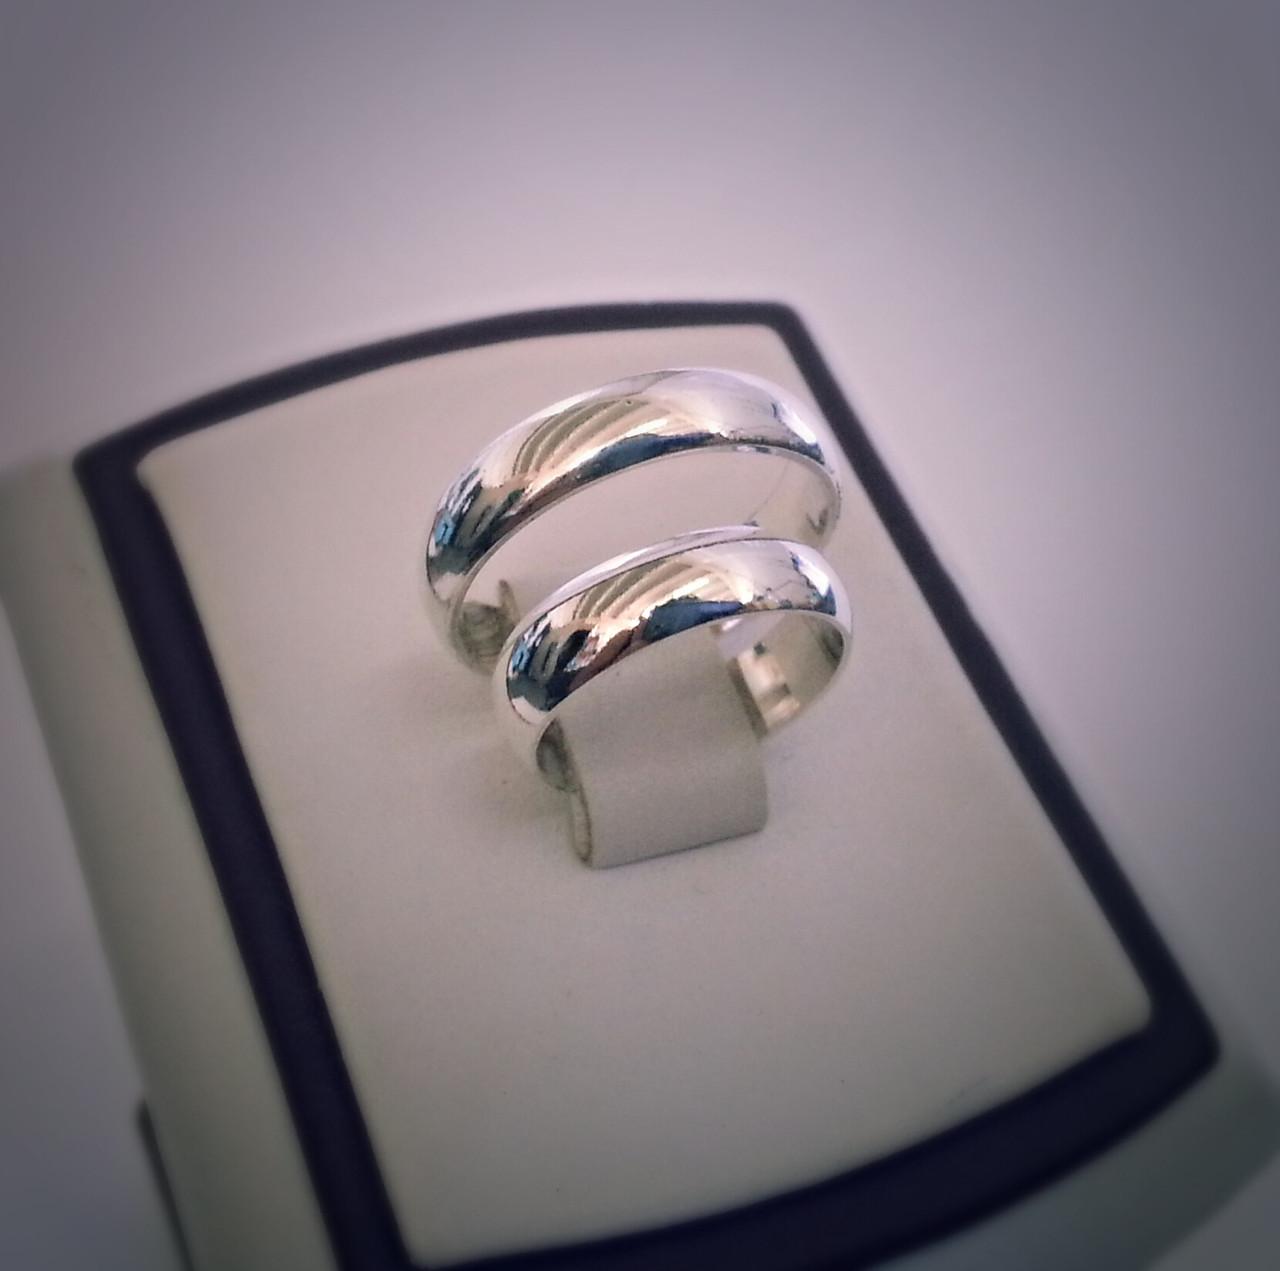 20093a8217e0 Серебряные классические обручальные кольца - Магазин Ювелирных изделий